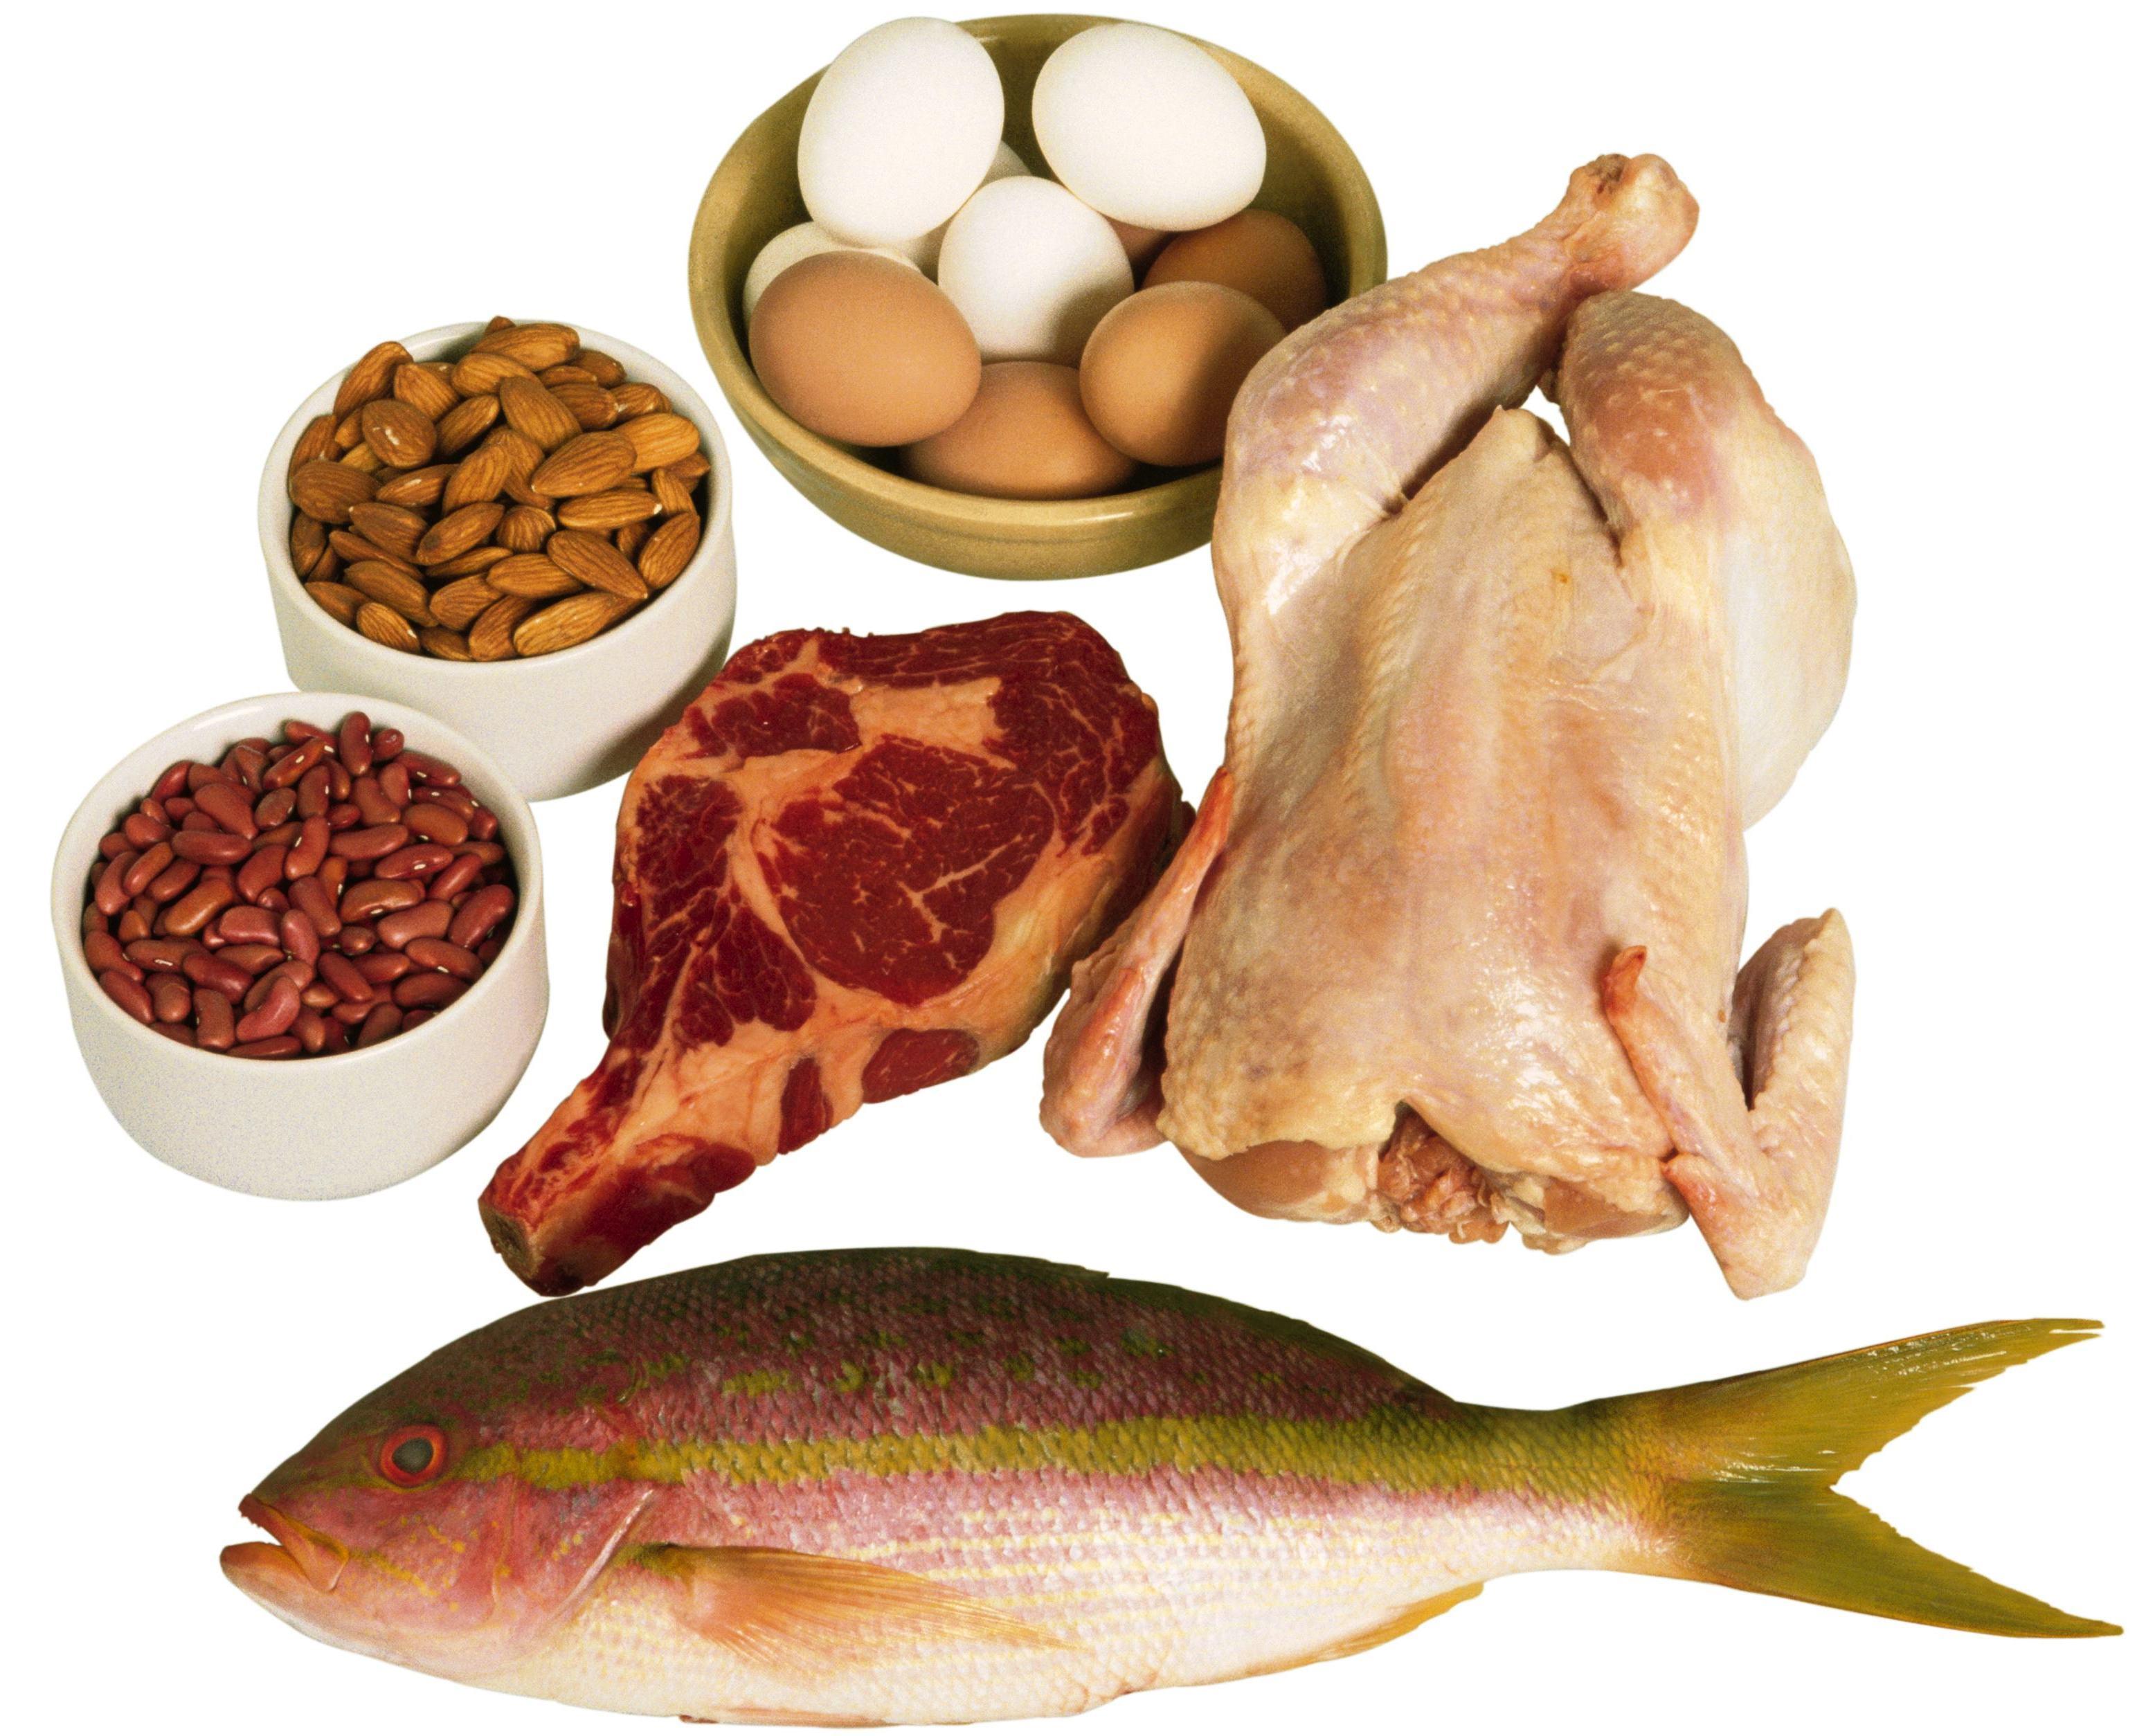 אוכל המכיל חלבונים